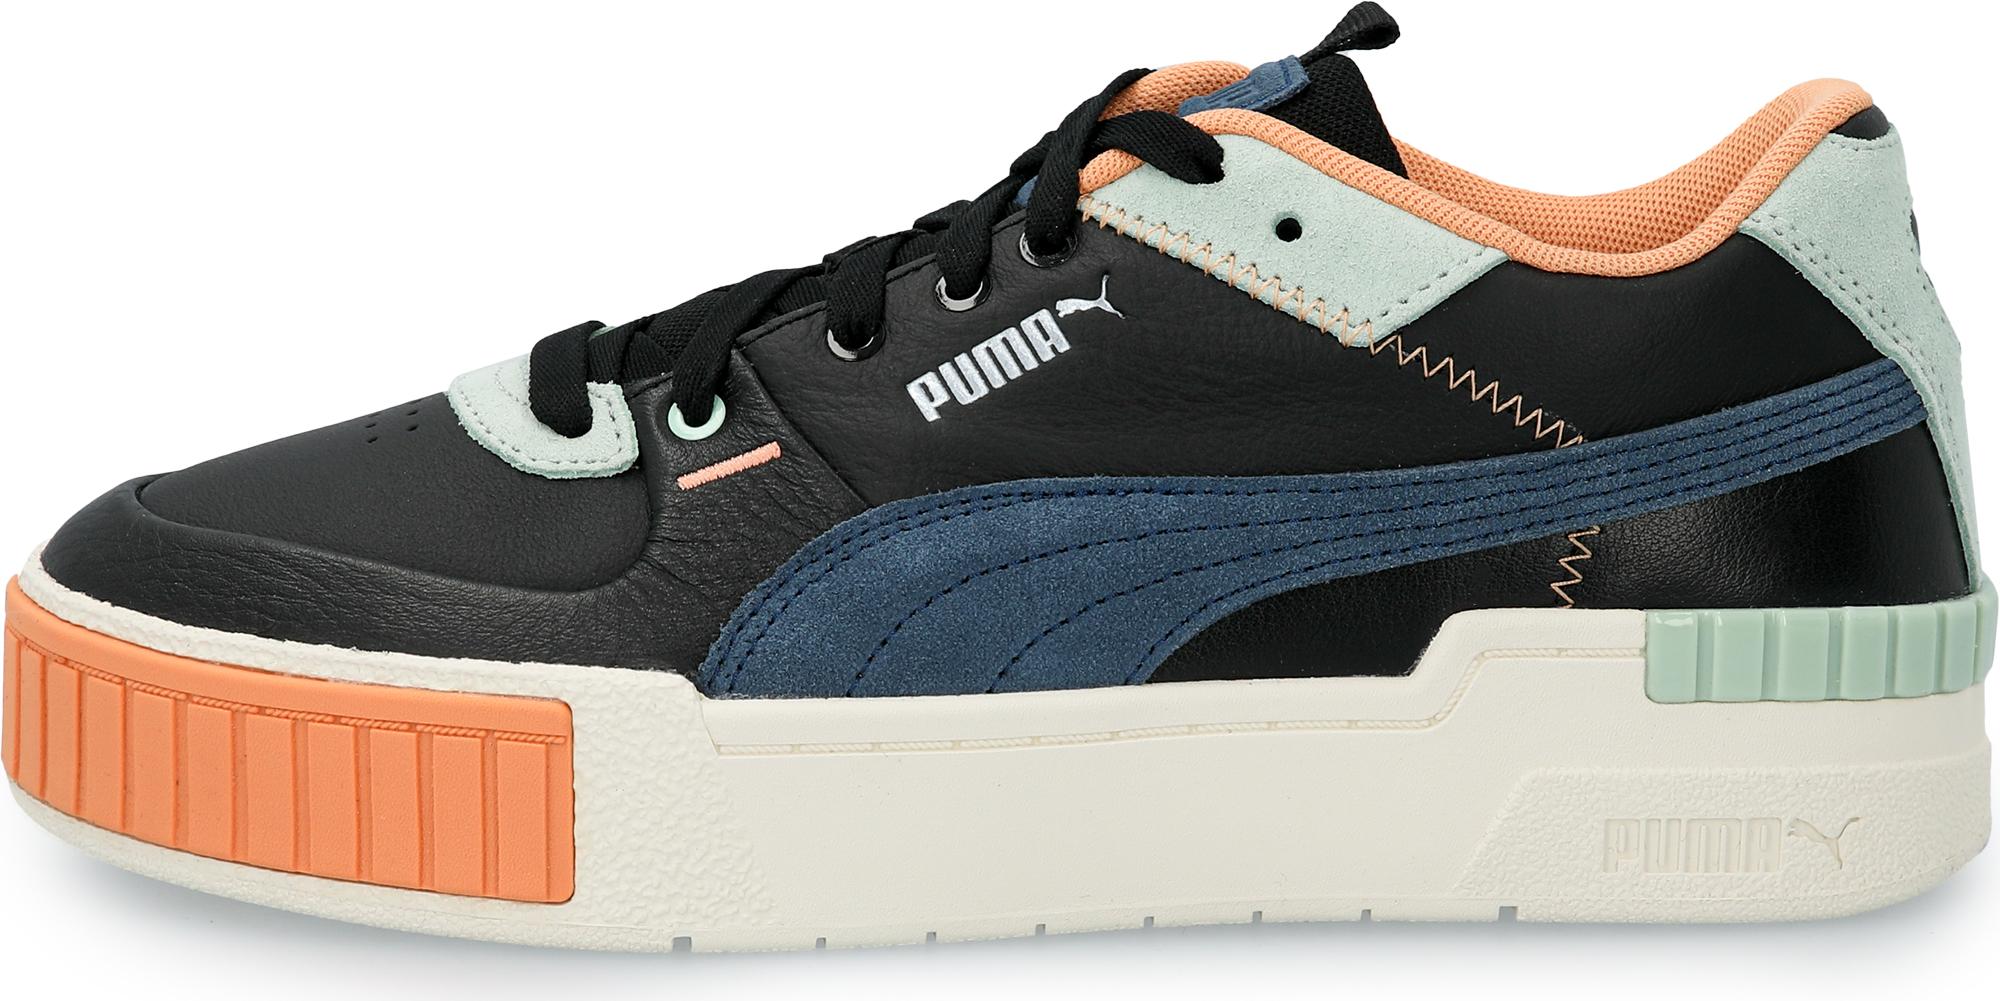 цена Puma Кеды женские Puma Cali Sport Mix, размер 37.5 онлайн в 2017 году